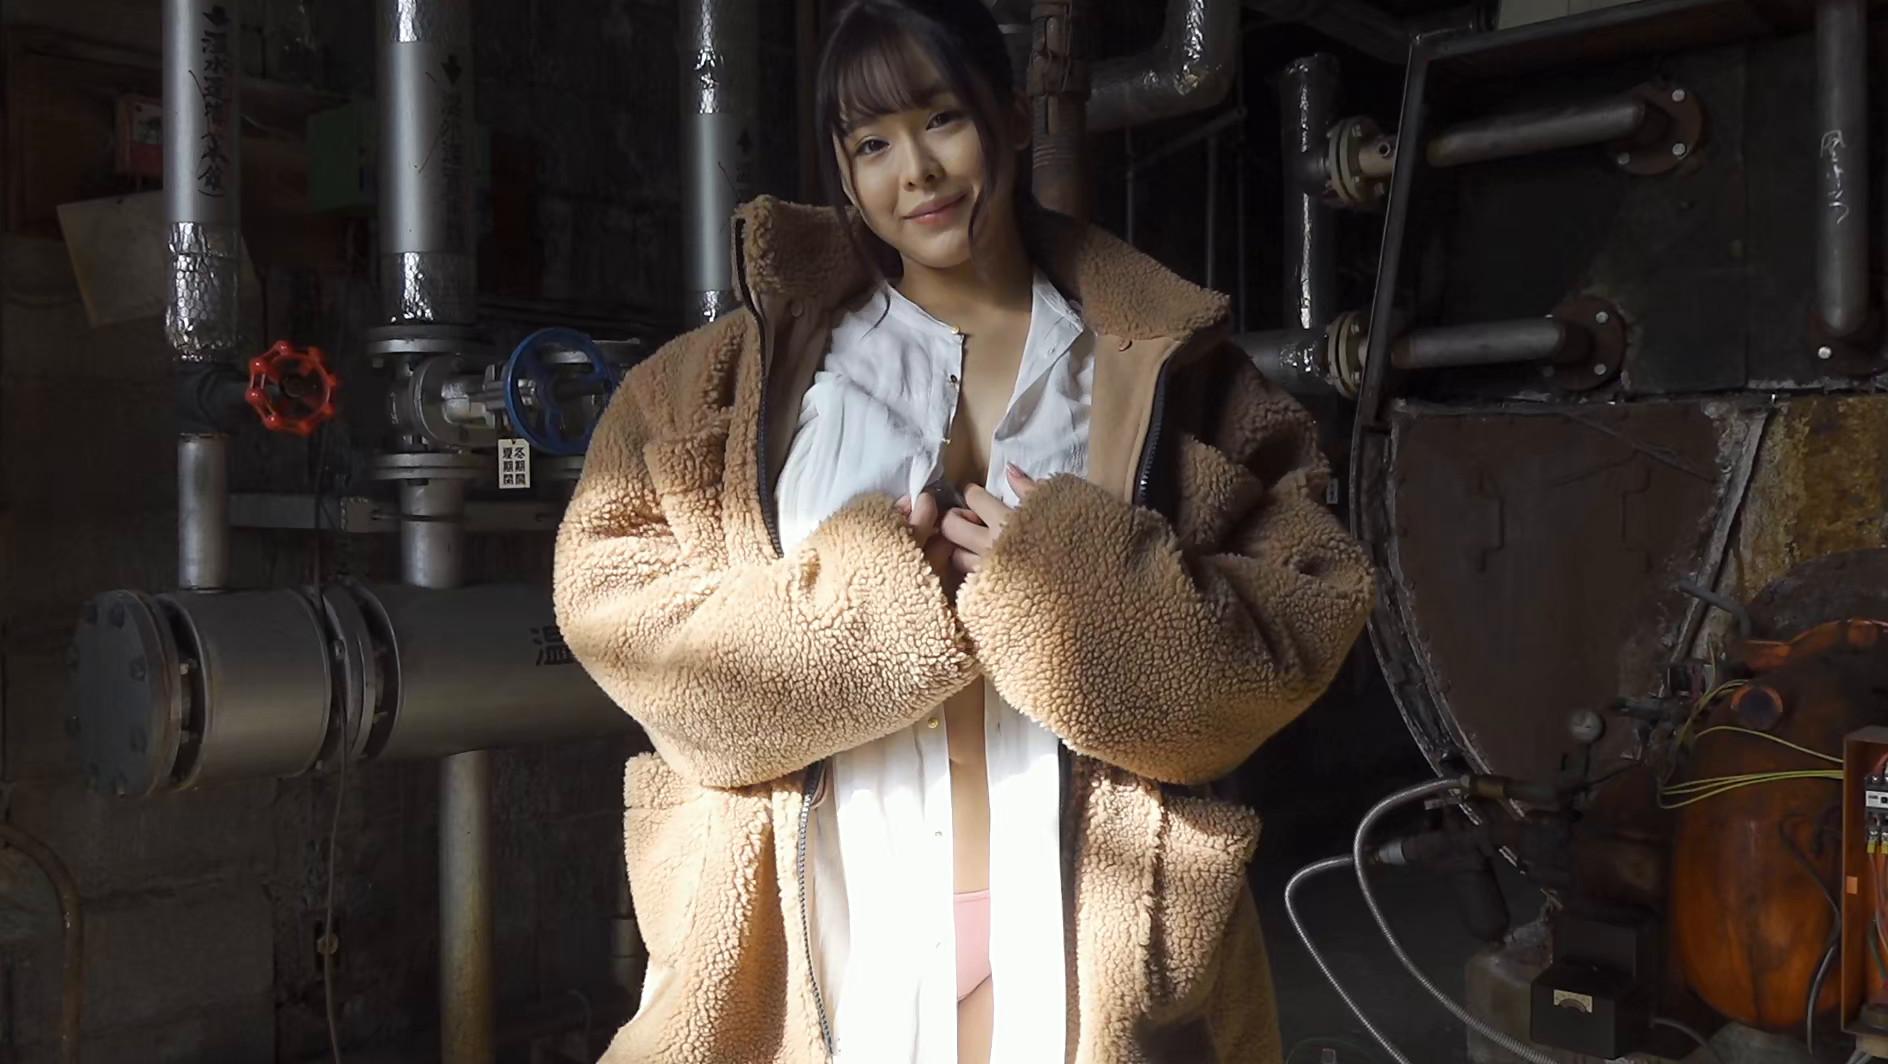 emerge 永瀬永茉7